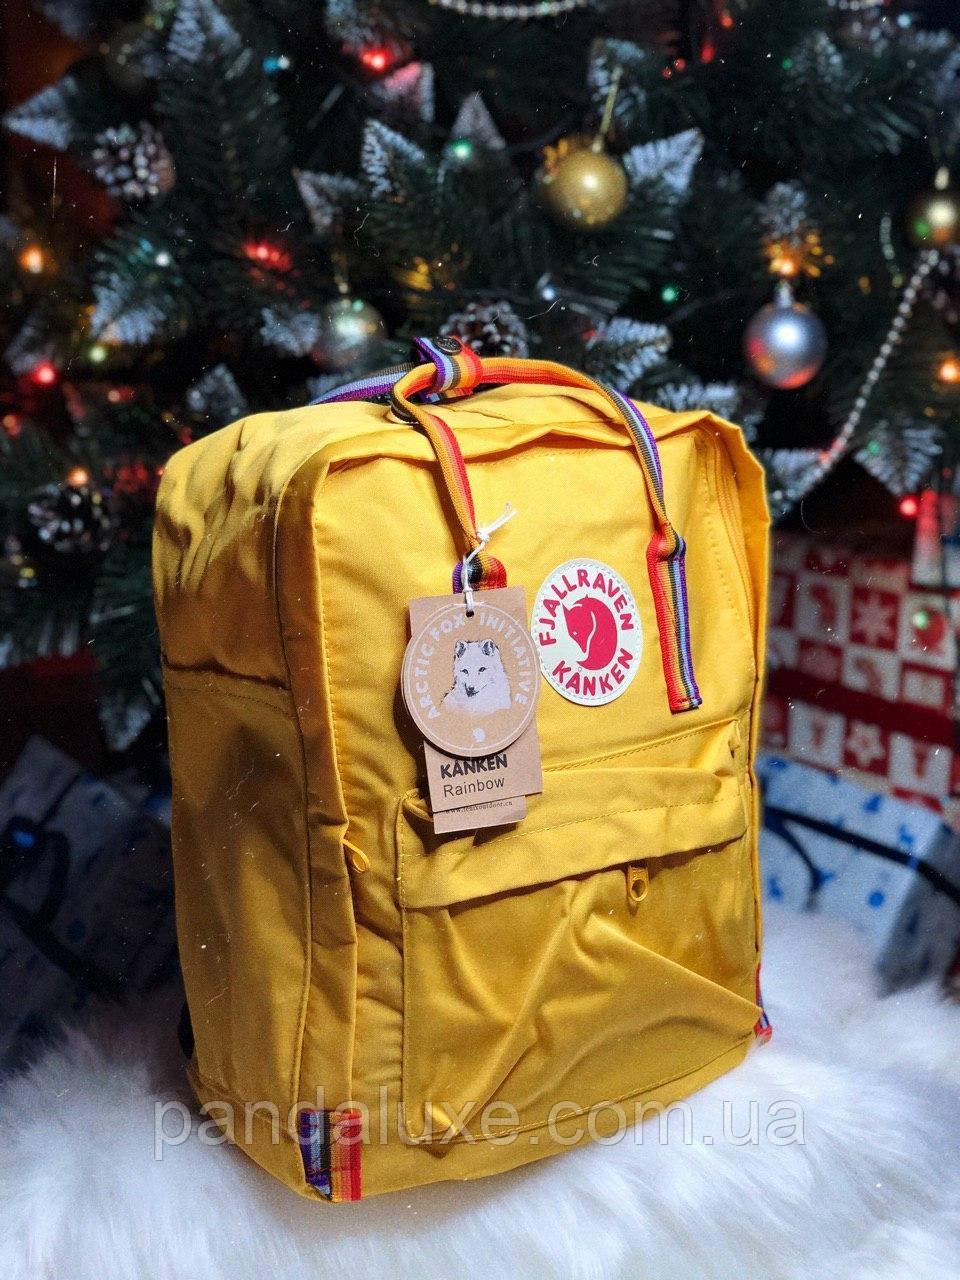 Рюкзак женский стильный яркий канкен Fjallraven Kanken Rainbow 16л желтый с разноцветными ручками